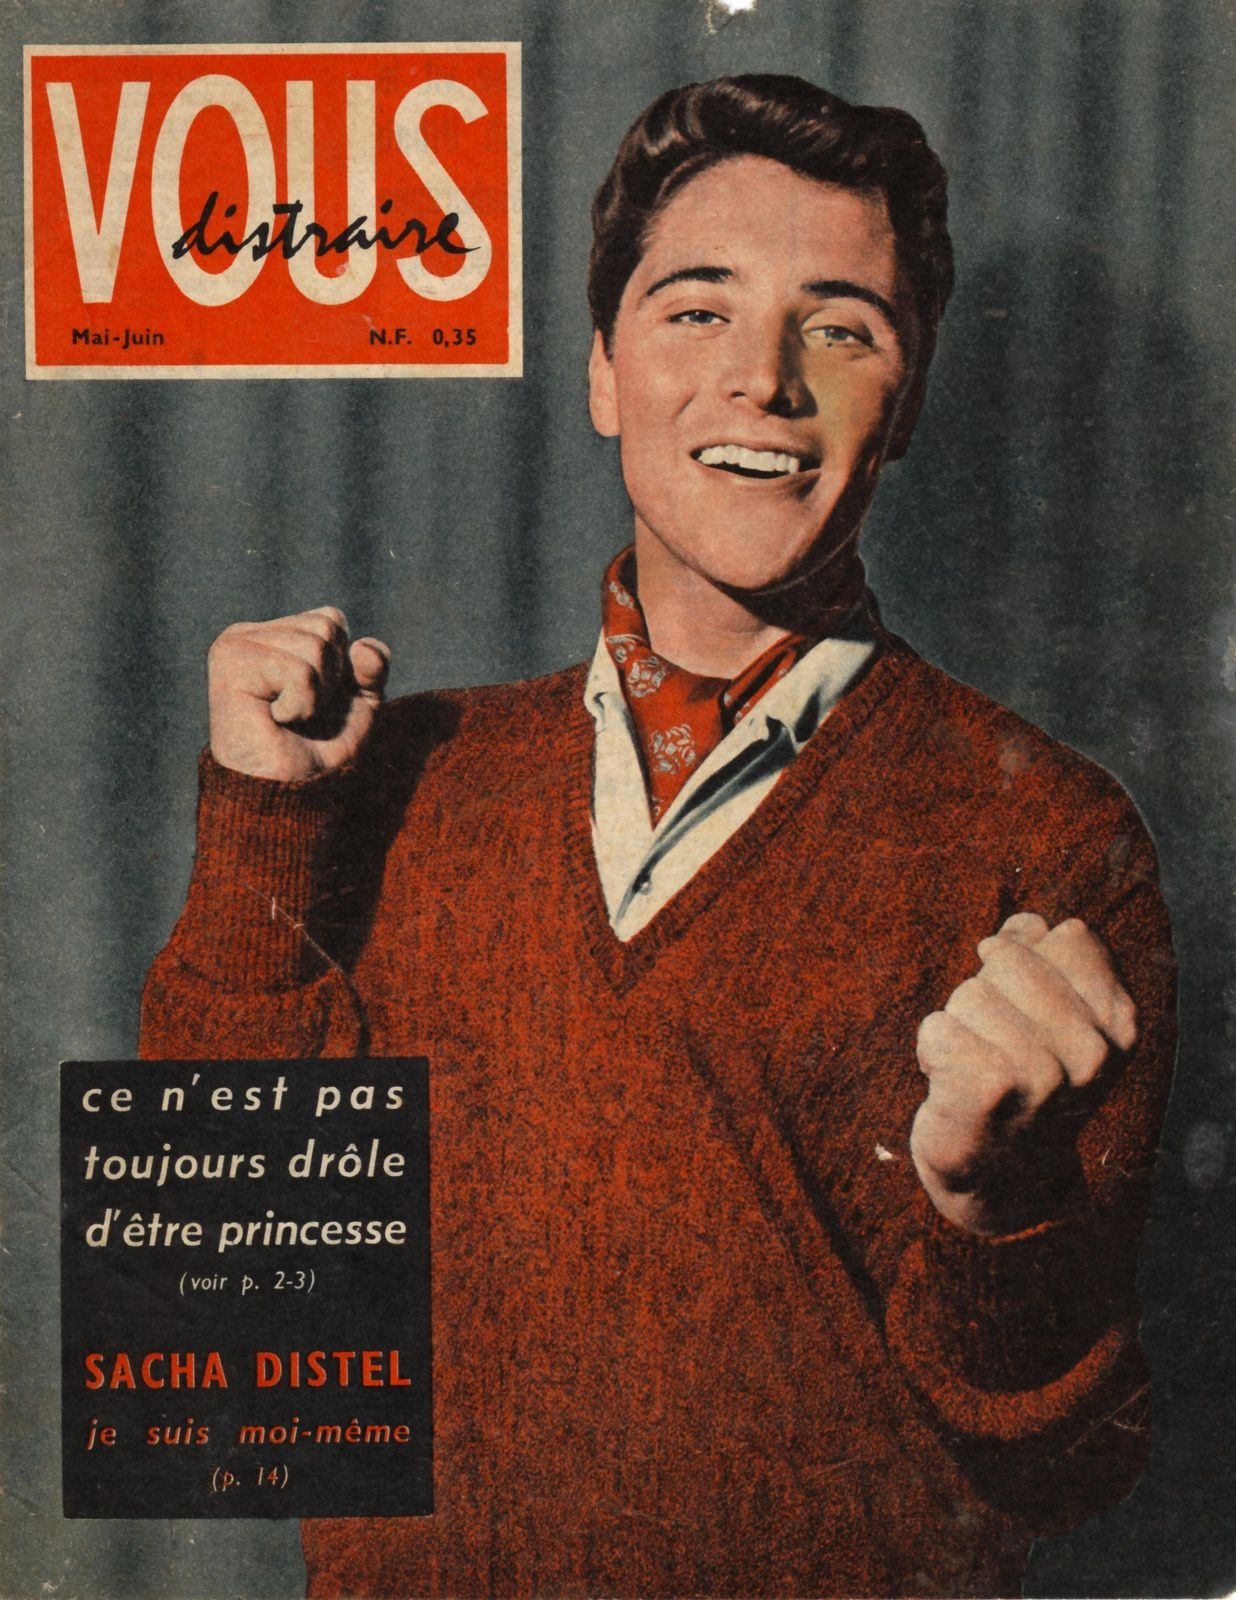 Une : Vous distraire - Mai et juin 1960